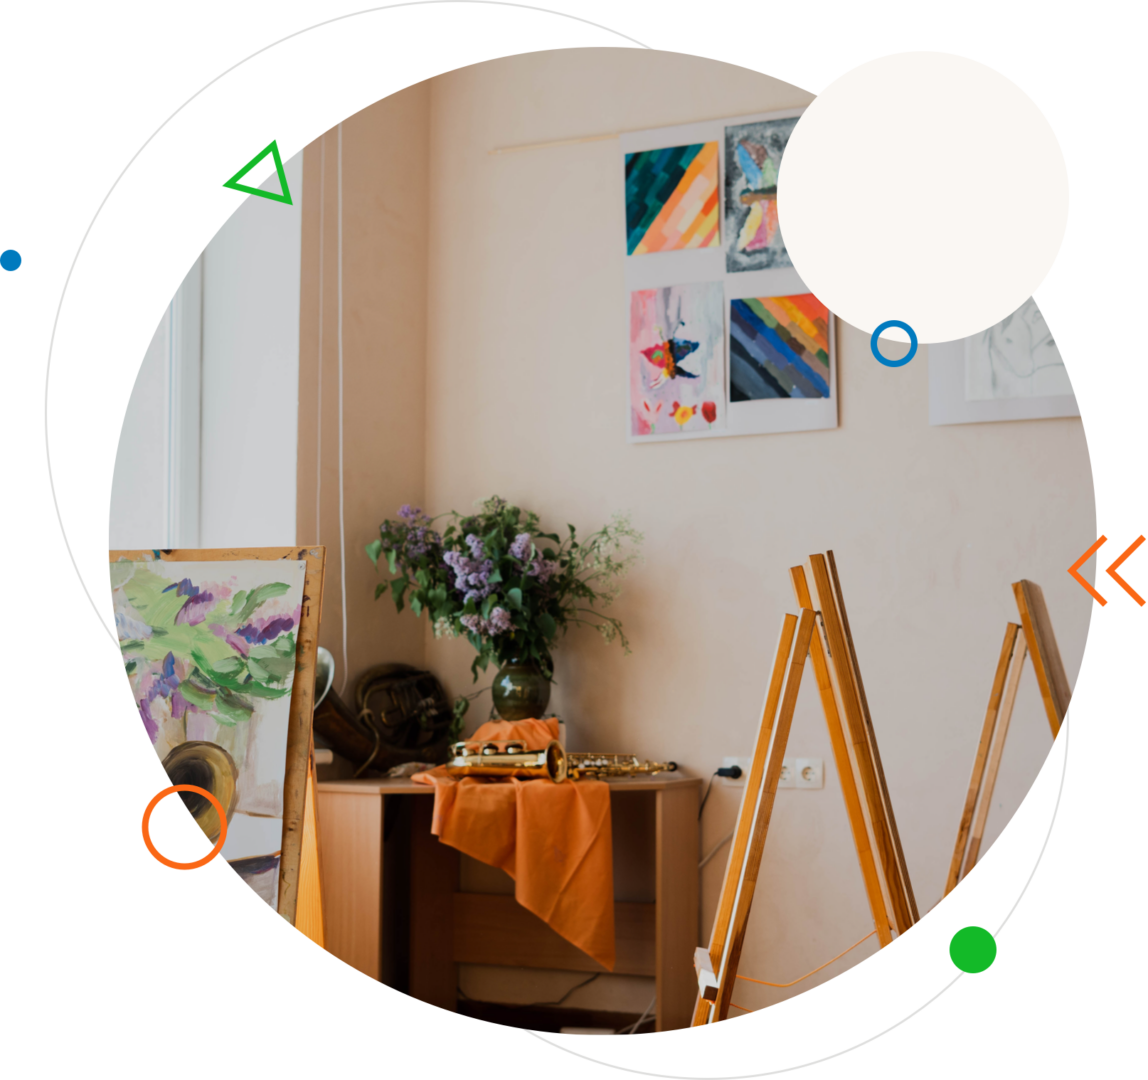 Mākslas studija ar molbertiem, kur centrā ir uzstādijums ar vāzi un ziediem. Blakus vāzei ir divi mūzikas instrumenti.